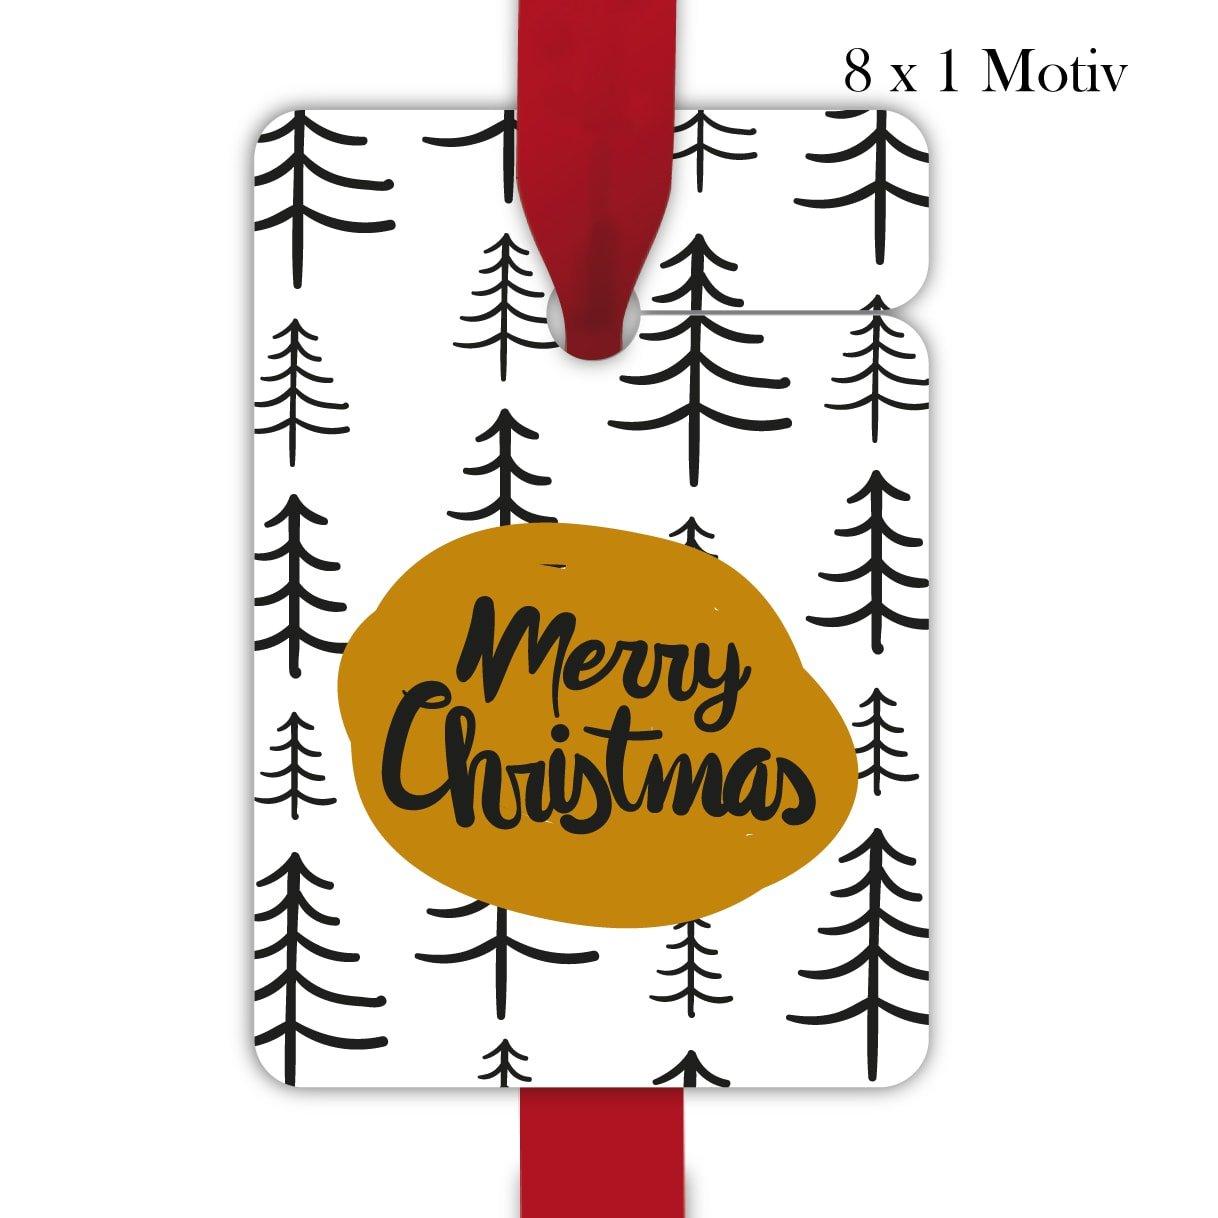 10 x 8 Designer Weihnachts Geschenkanhänger, Geschenkkarten, Papieranhänger, Hänge Etiketten, Tags zu Weihnachten mit Tannen Wald: Merry Christmas, Format 10 x 6,9cm